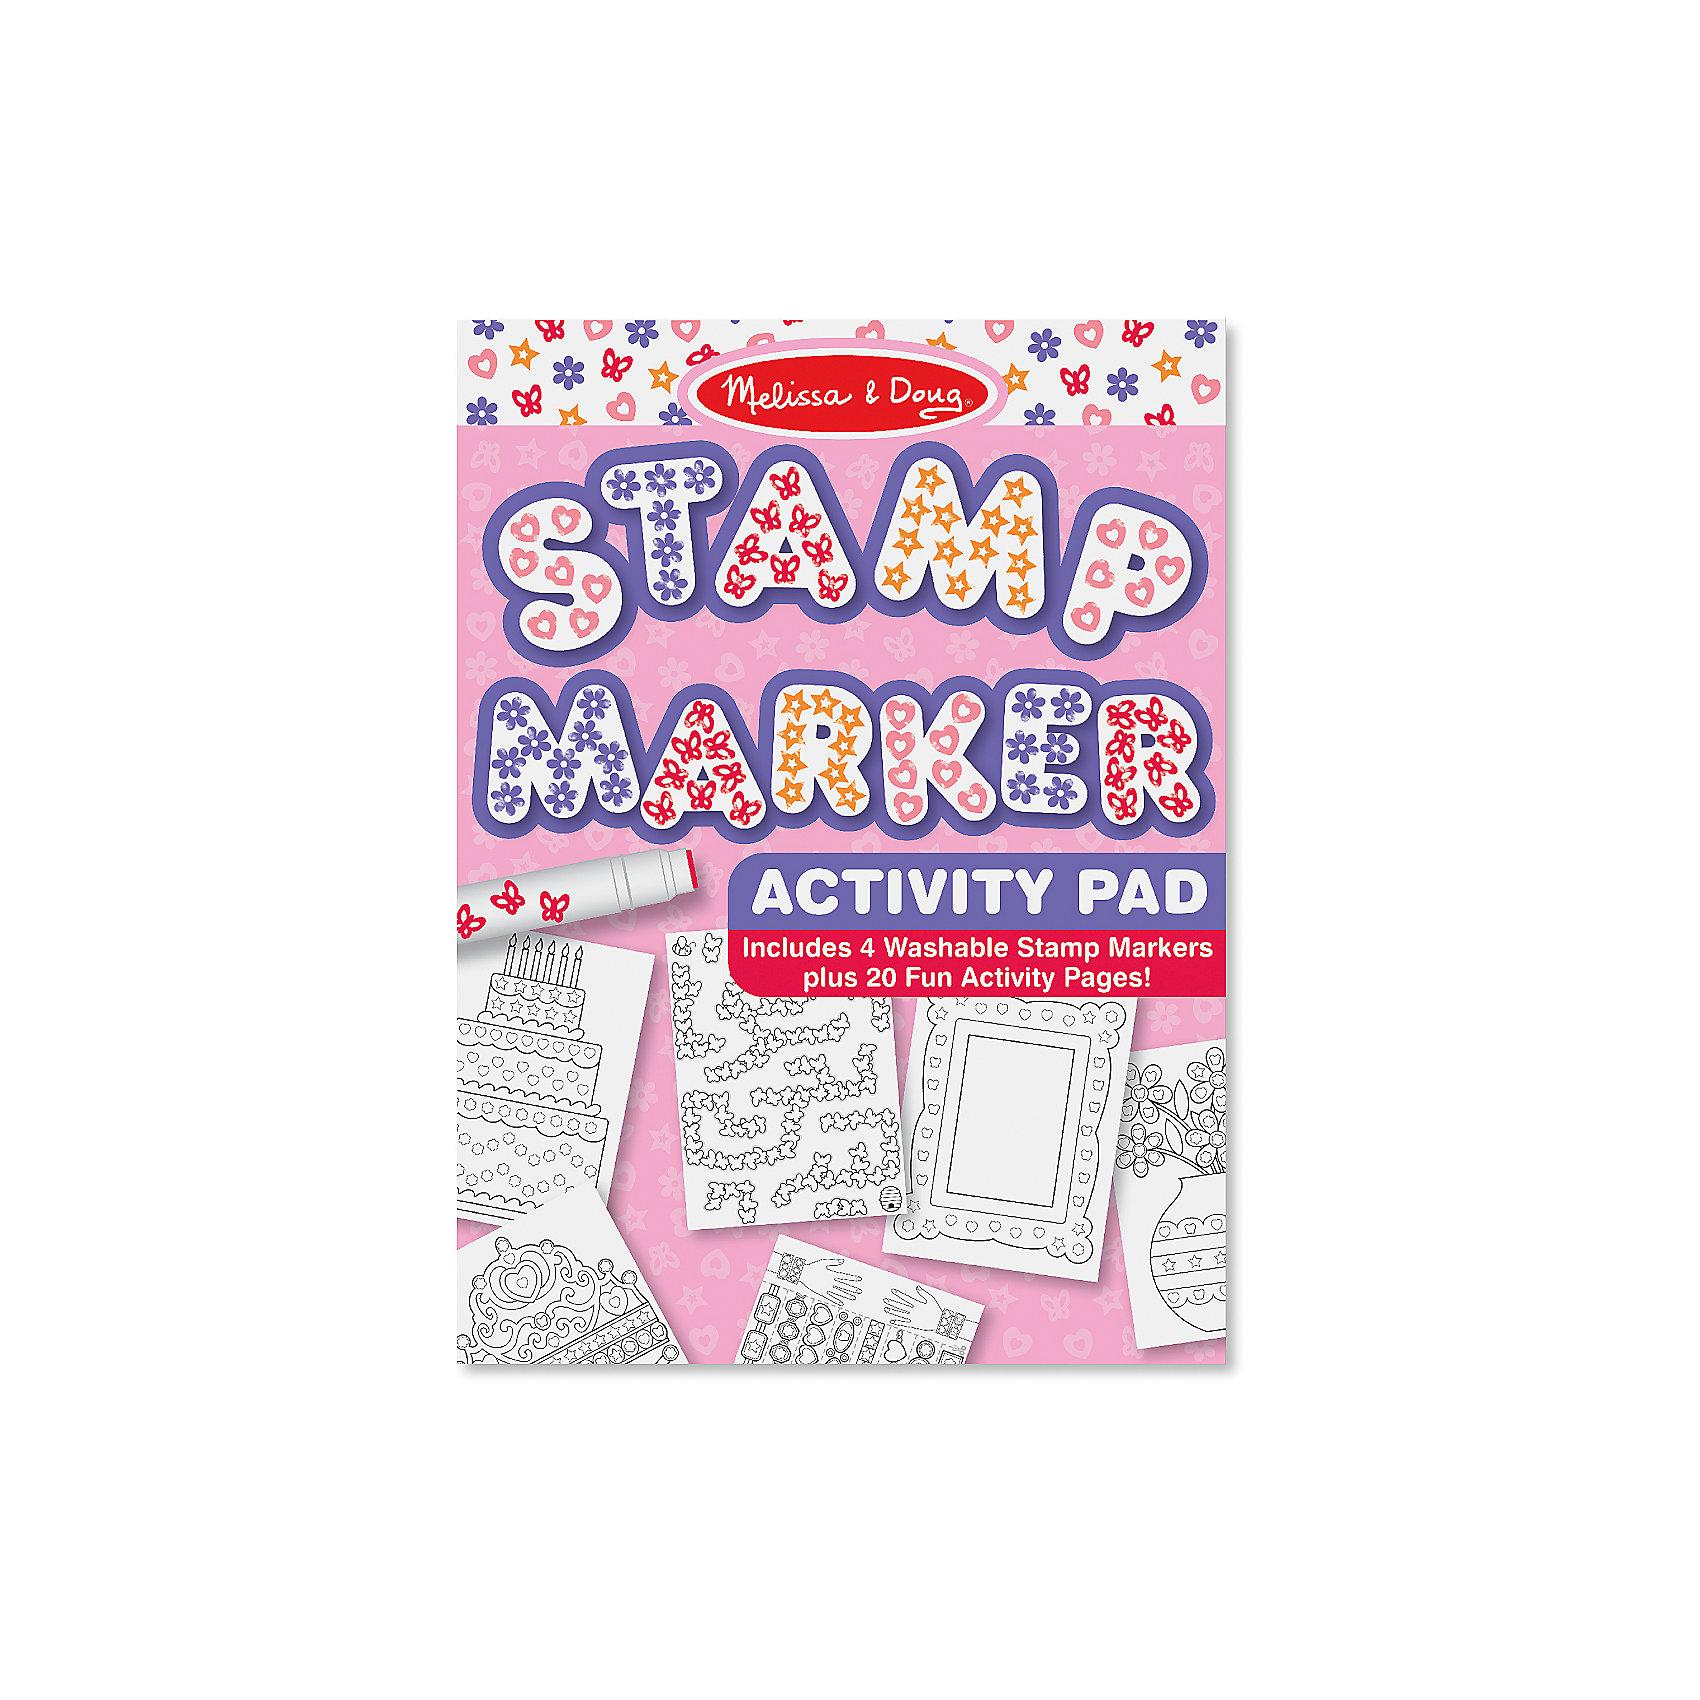 Набор штампов РозовыйДетские печати и штампы<br>Используя замечательный творческий Набор штампов Розовый, состоящий из 4 маркеров с различными оттисками и 20 заготовок с черно-белыми изображениями, можно создать 20 красочных картинок, украсить тетрадь или открытку. Яркие маркеры, которые оставляют следы в форме сердечек, бабочек и звездочек смогут оживить любой рисунок! <br><br>Комплектация: 4 фломастера со штампами (оранжевая звезда, розовое сердце, красные бабочки и фиолетовые цветы), 20 листов для раскрашивания<br><br>Дополнительная информация:<br>-Цвет: розовый<br>-Размер упаковки: 21x29x2 см<br>-Материалы: пластик, картон<br>-Вес в упаковке: 340 г<br><br>При помощи штампов Ваш ребенок создаст оригинальную картину, которую можно сохранить на память или подарить друзьям и близким!<br><br>Набор штампов Розовый можно купить в нашем магазине.<br><br>Ширина мм: 210<br>Глубина мм: 20<br>Высота мм: 290<br>Вес г: 340<br>Возраст от месяцев: 48<br>Возраст до месяцев: 144<br>Пол: Унисекс<br>Возраст: Детский<br>SKU: 4216550